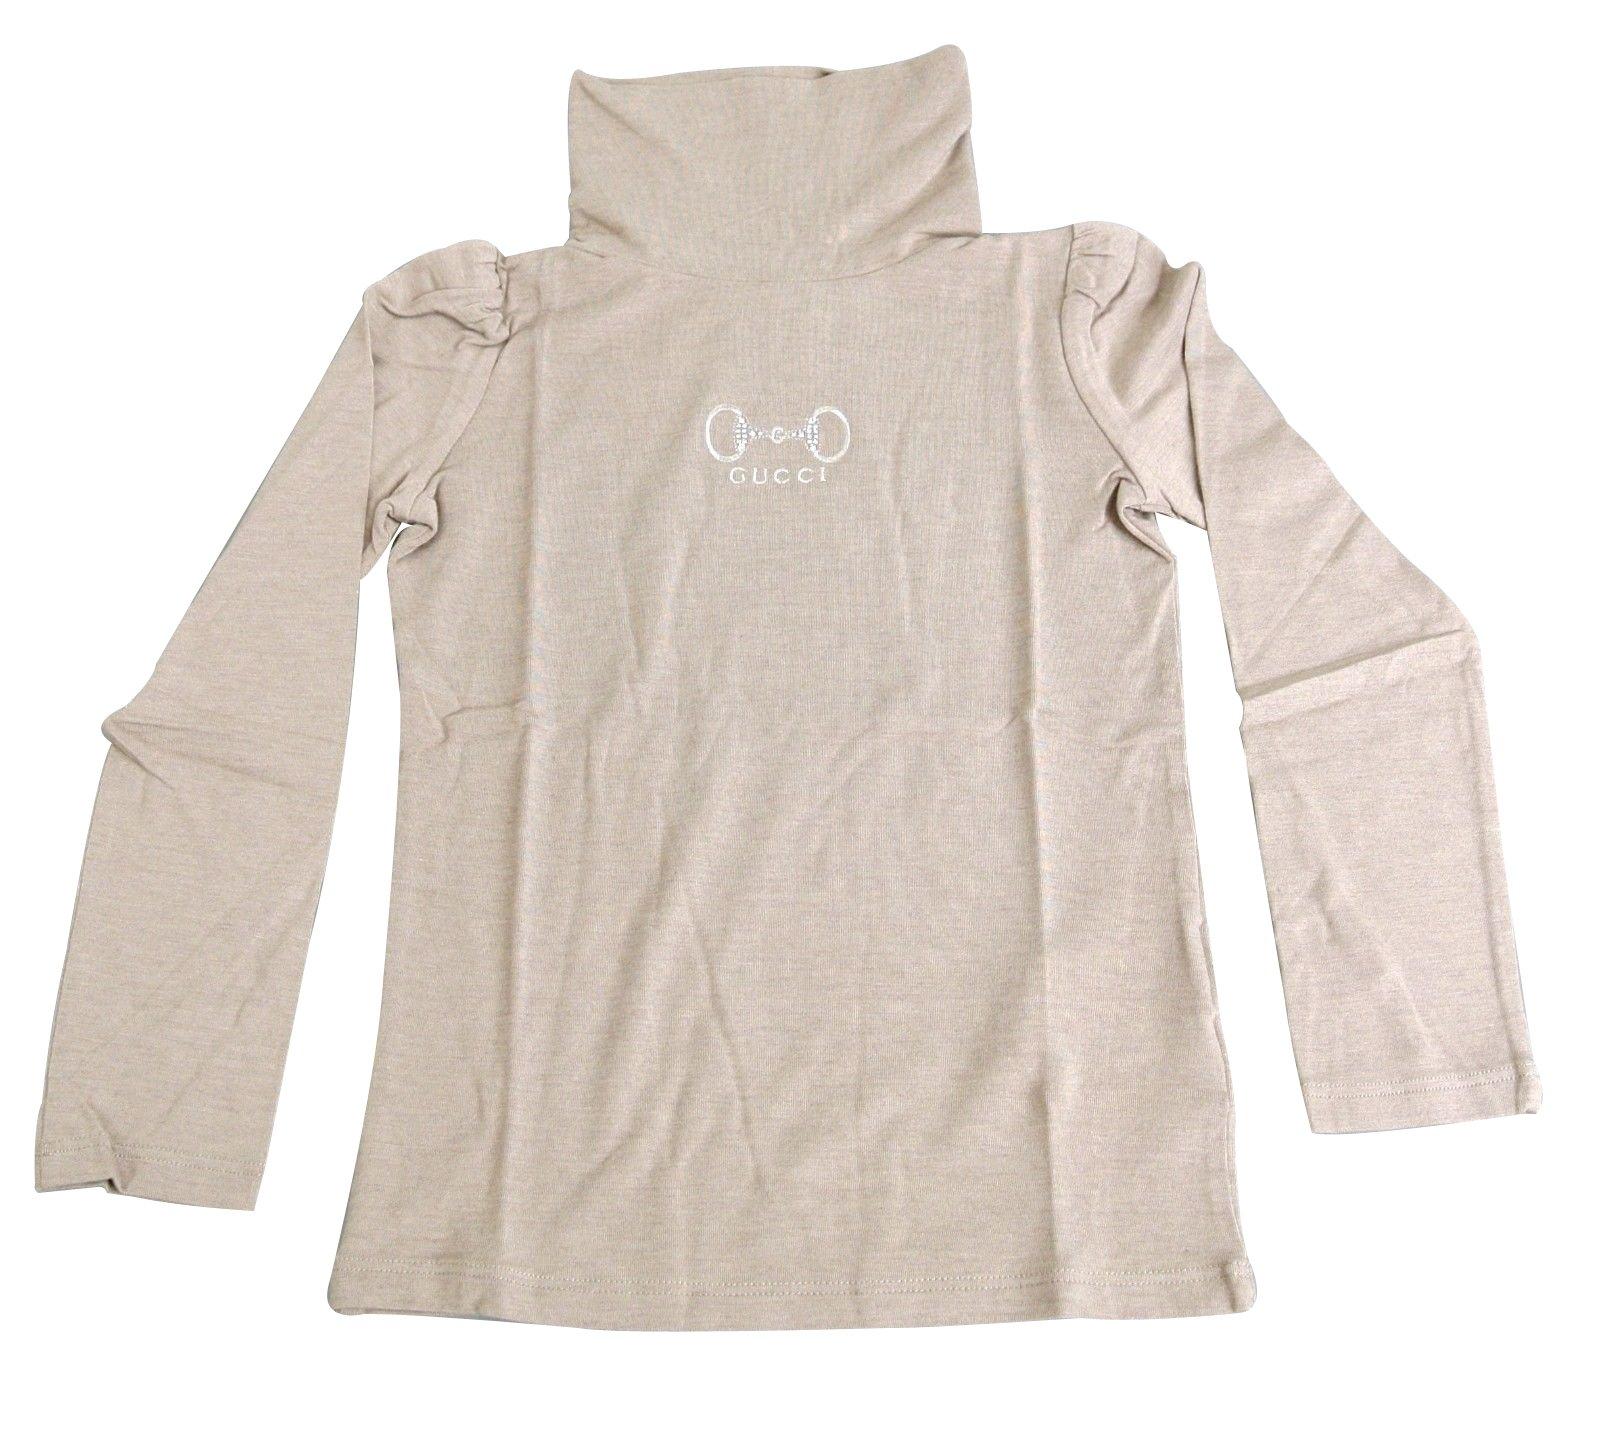 Gucci Beige Modal Cashmere Horsebit Turtle Neck T Shirt 265570 Size 4